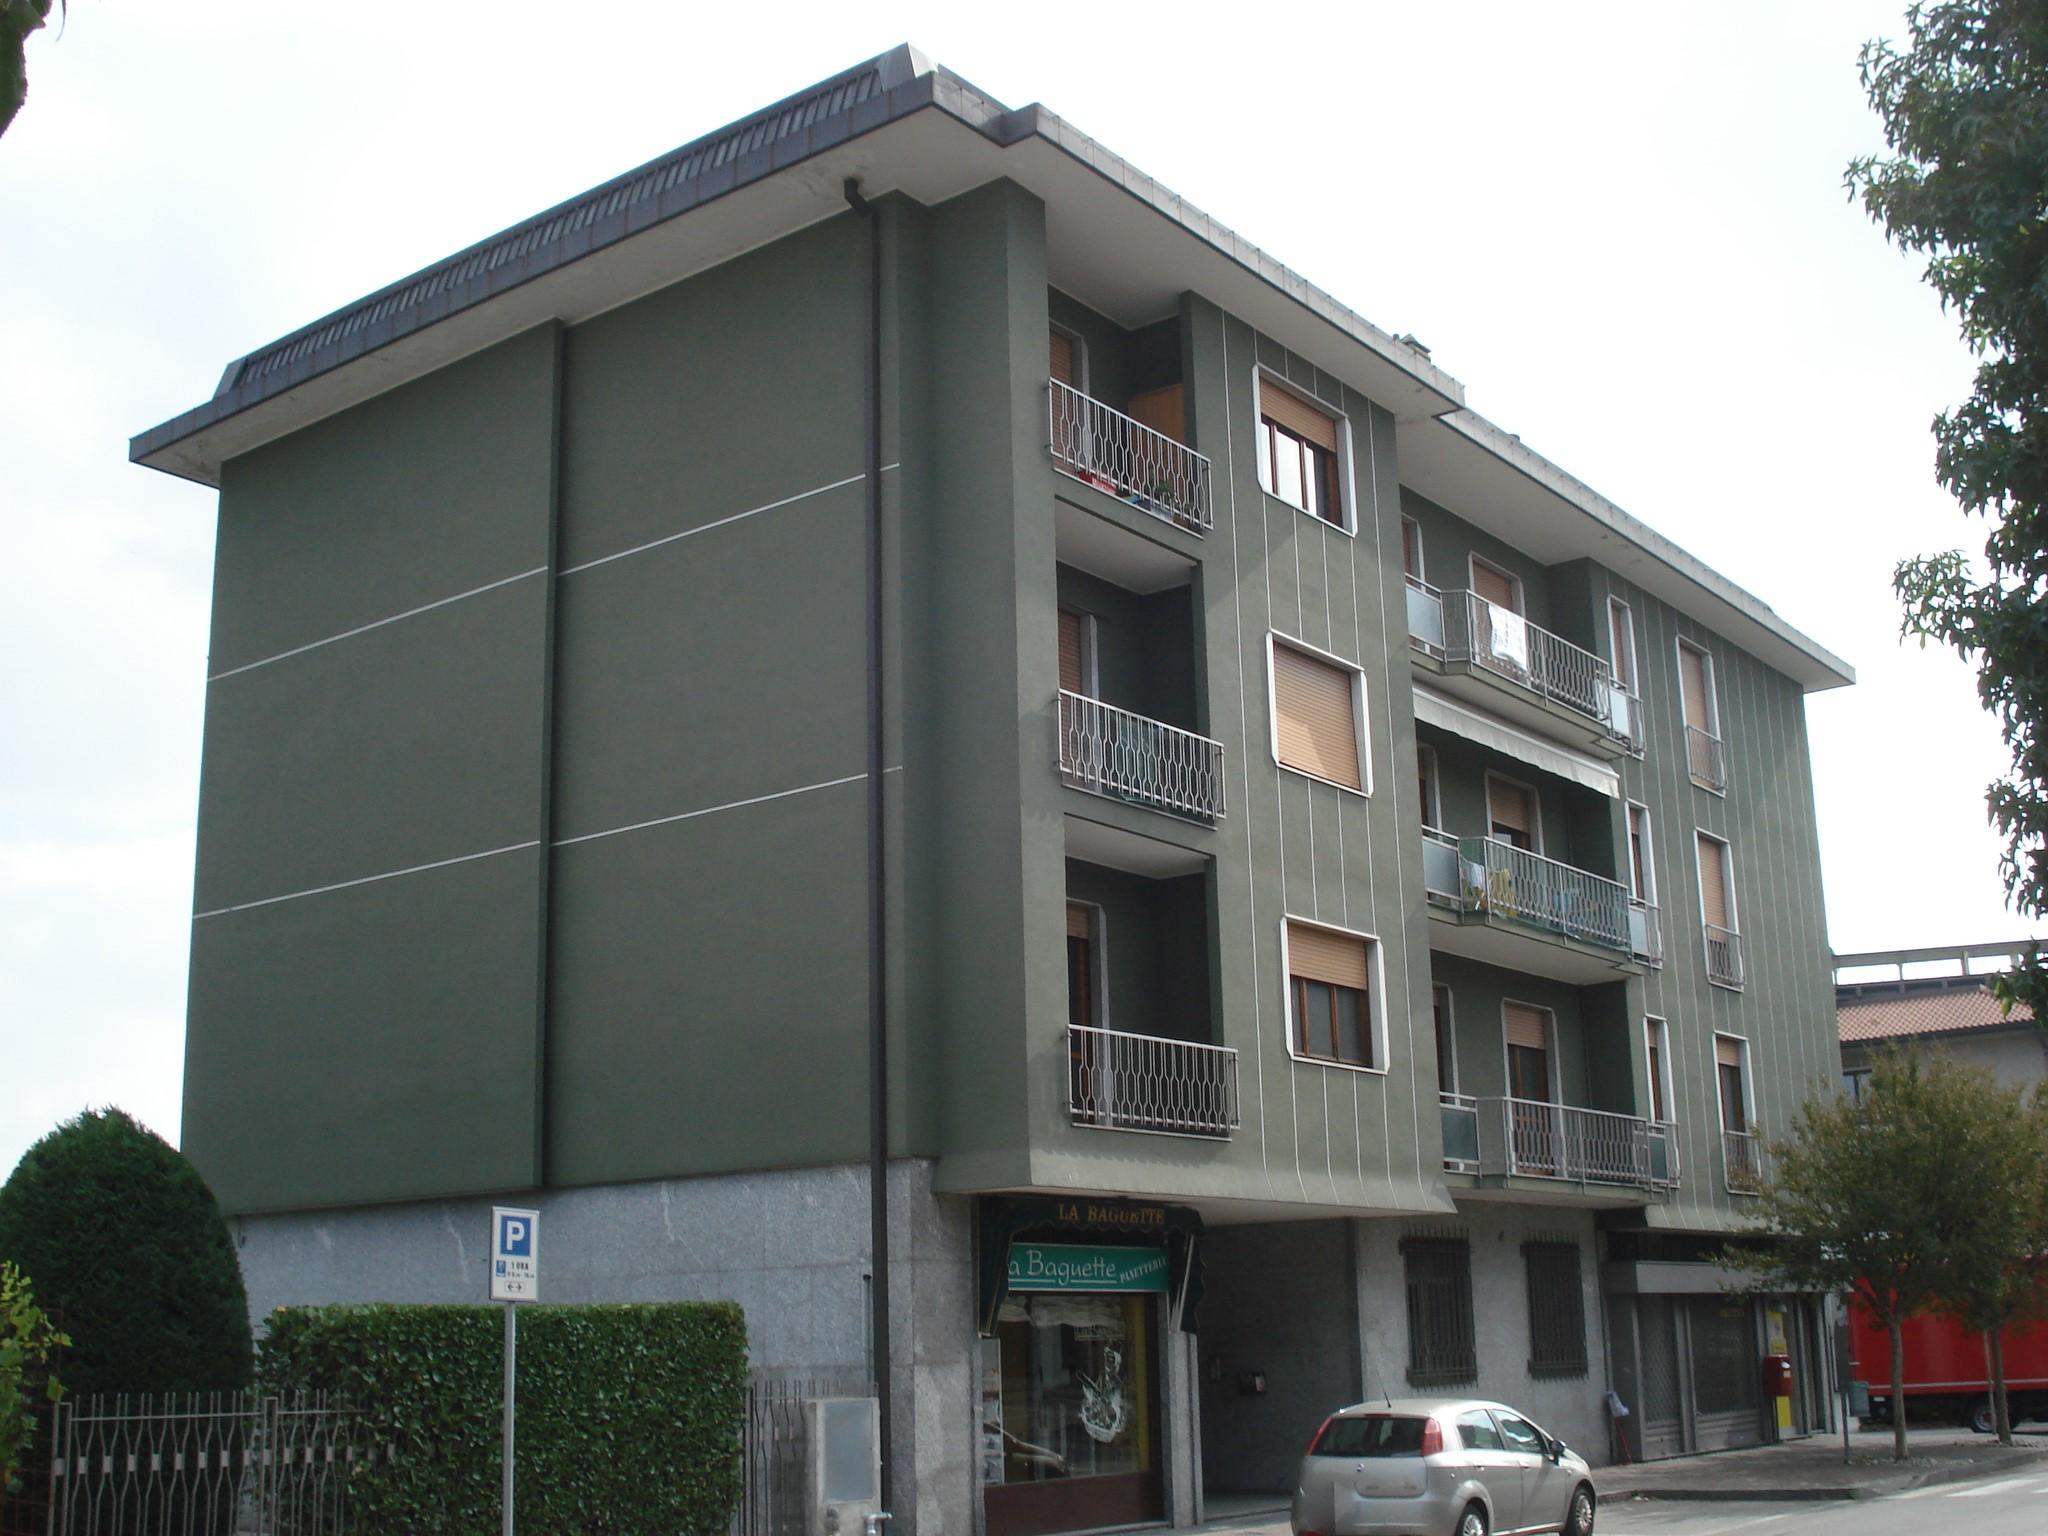 Metri Quadri Minimi Ufficio : Arosio : ufficio di 4 vani oltre a servizi e ripostiglio u2013 edil house